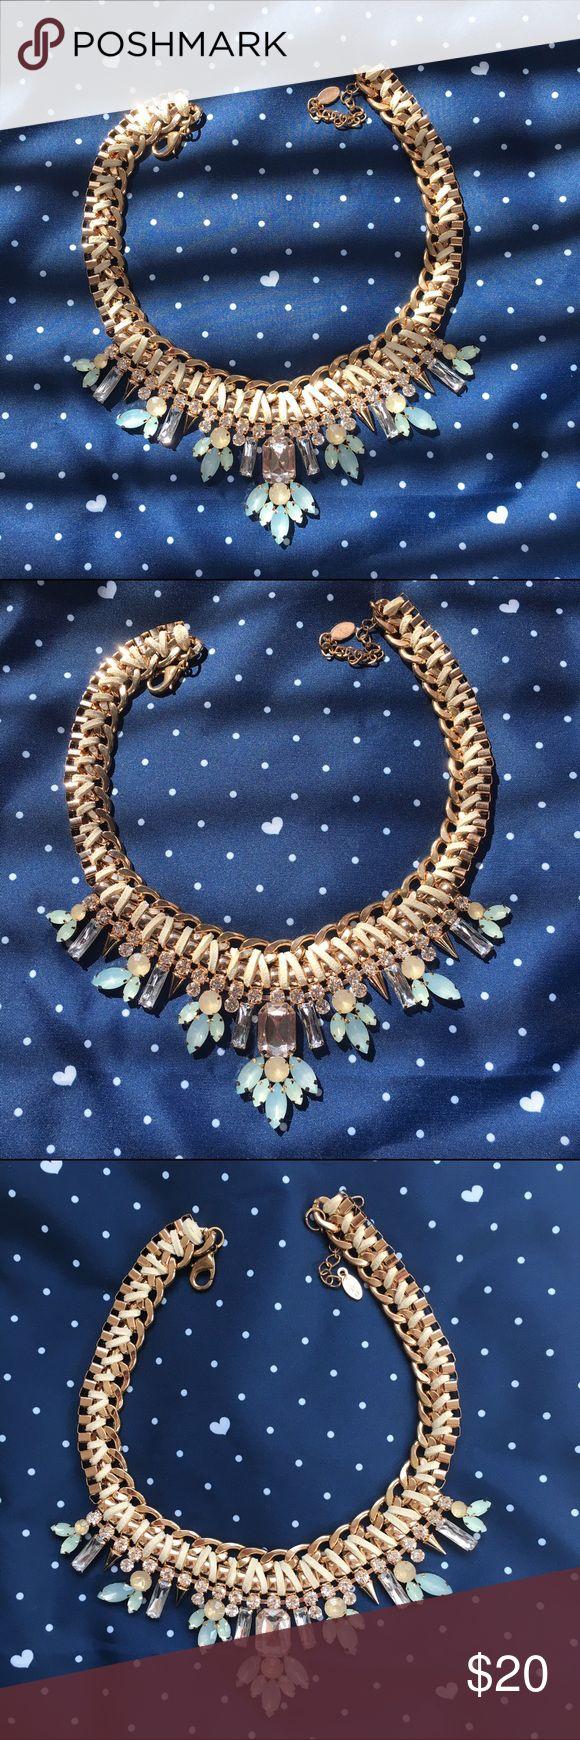 Aldo statement necklace. Aldo statement necklace. Used twice. Aldo Jewelry Necklaces